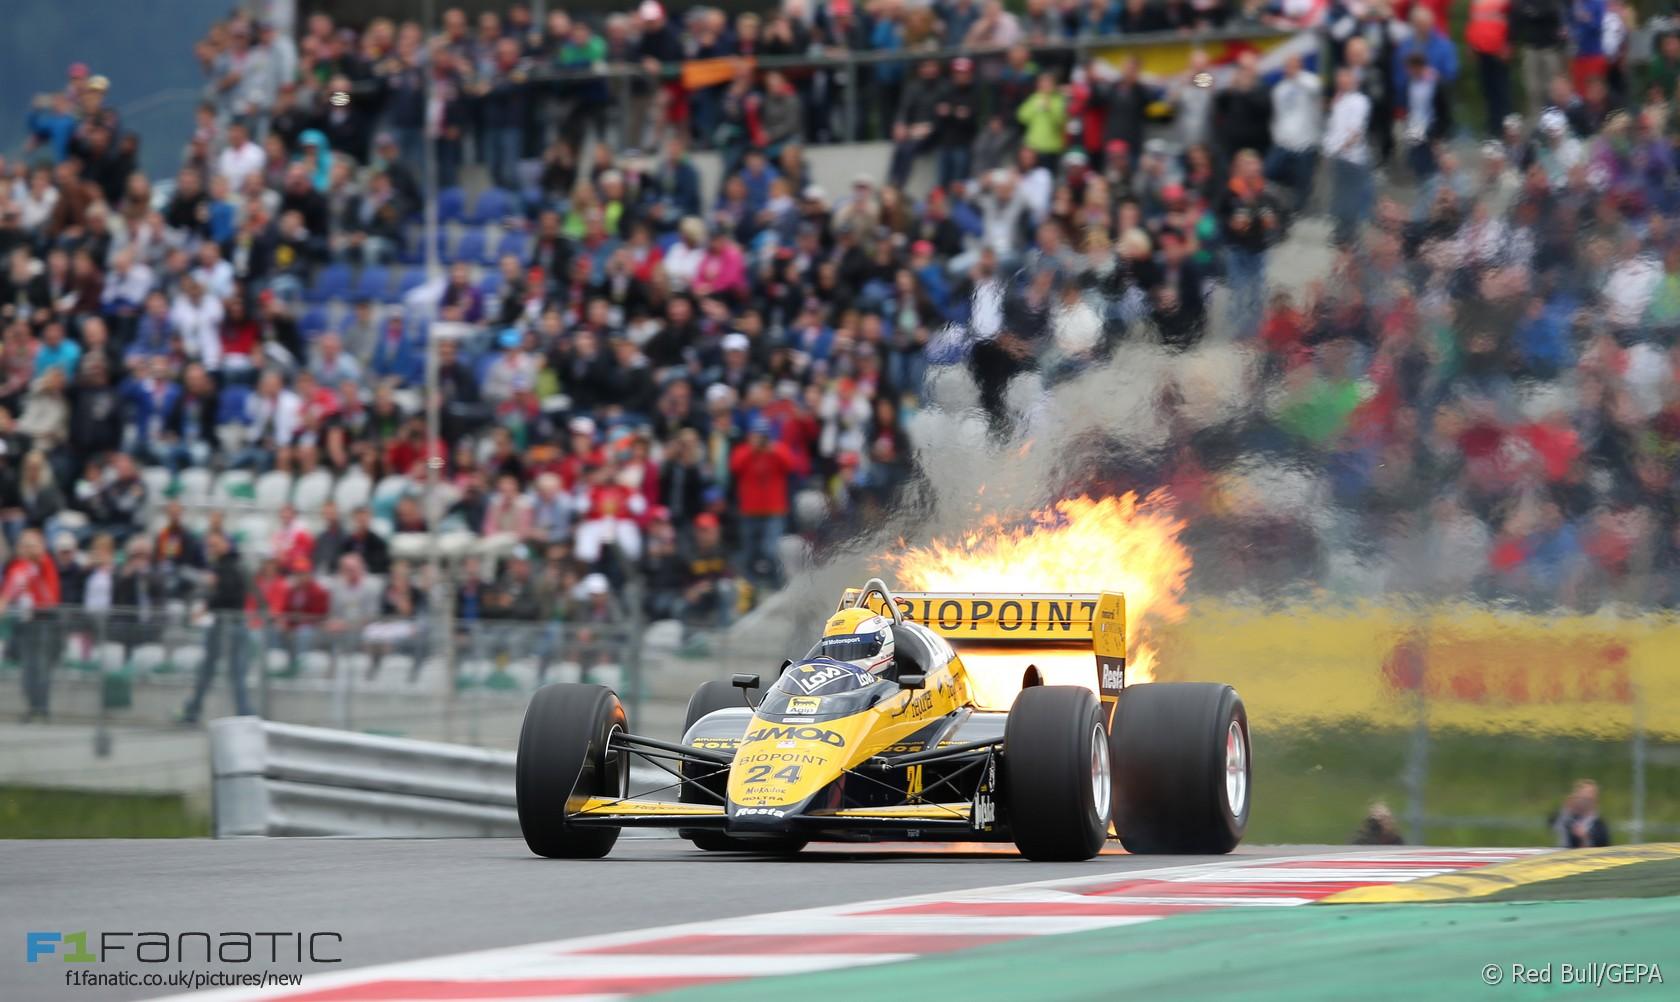 F1 Legends (TV Series 2012– ) - IMDb